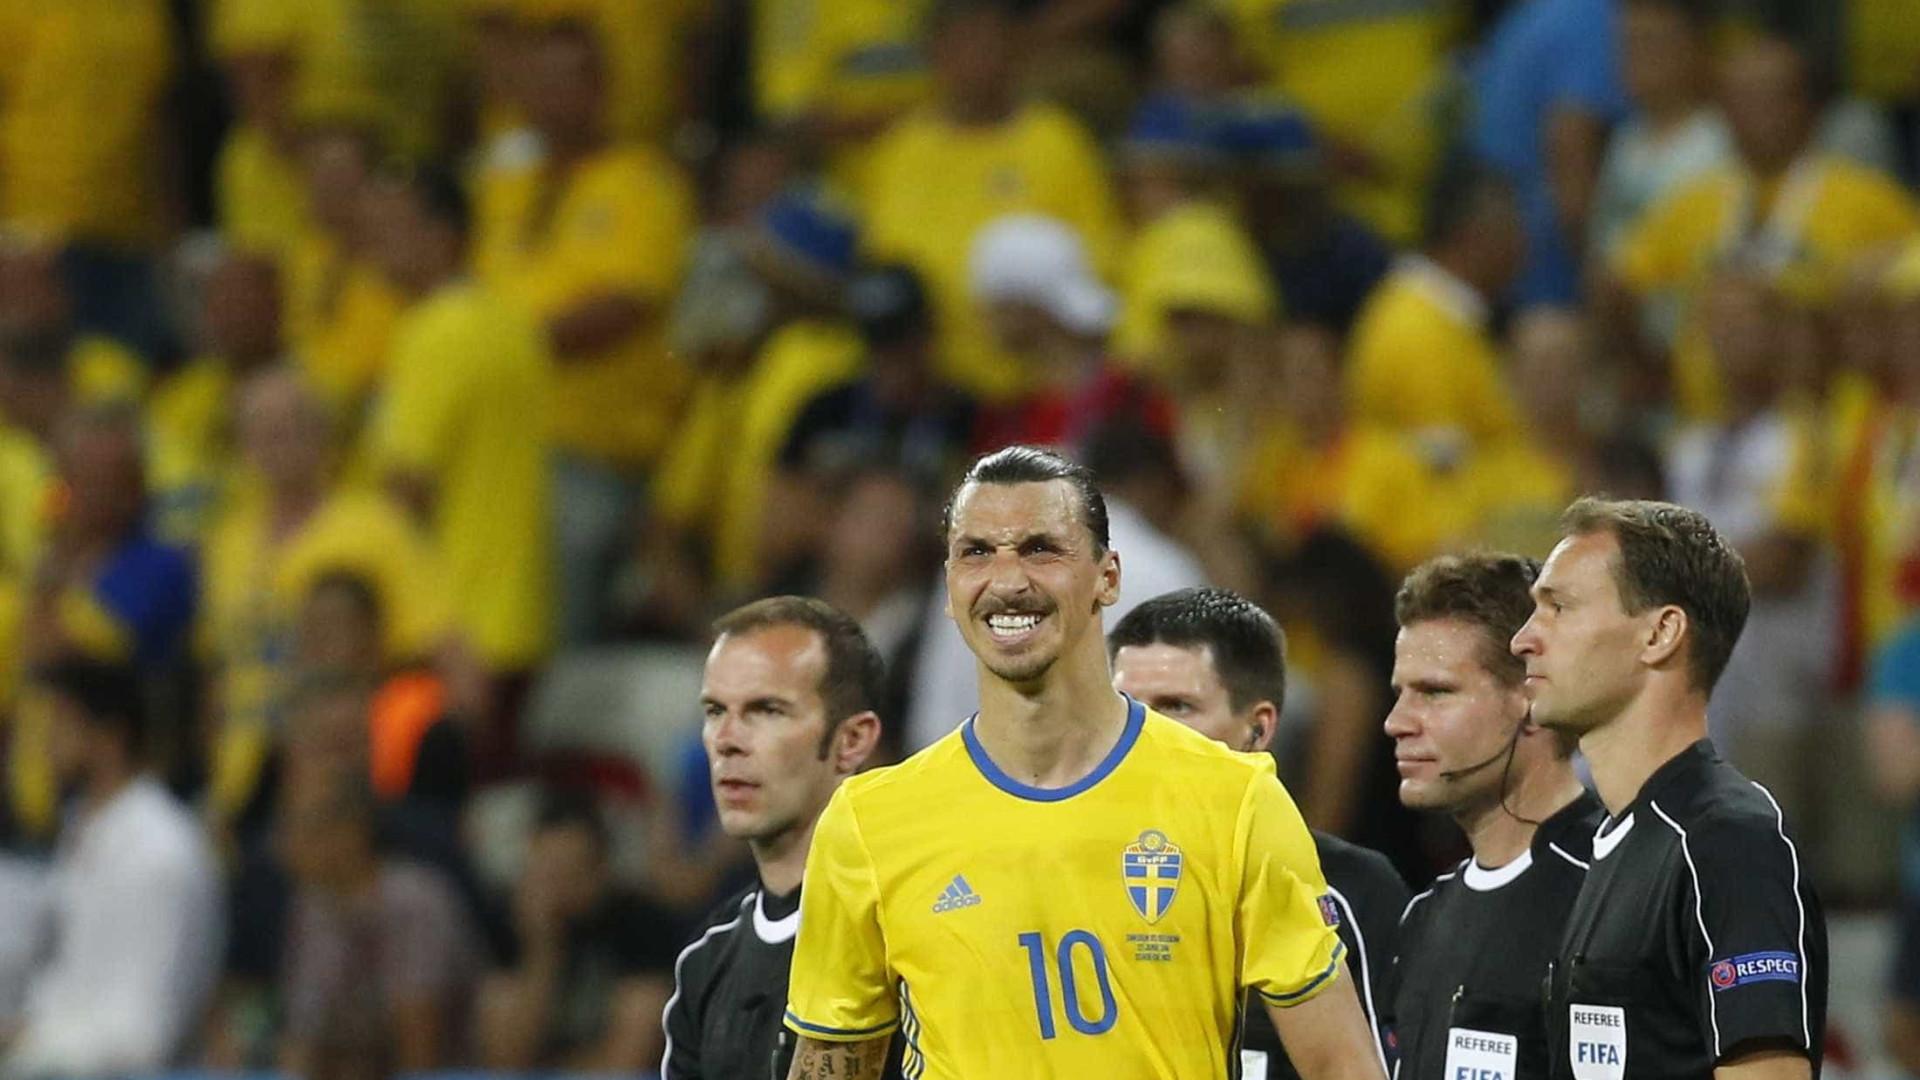 Tristeza de Buffon podia contrastar com alegria de... Ibrahimovic